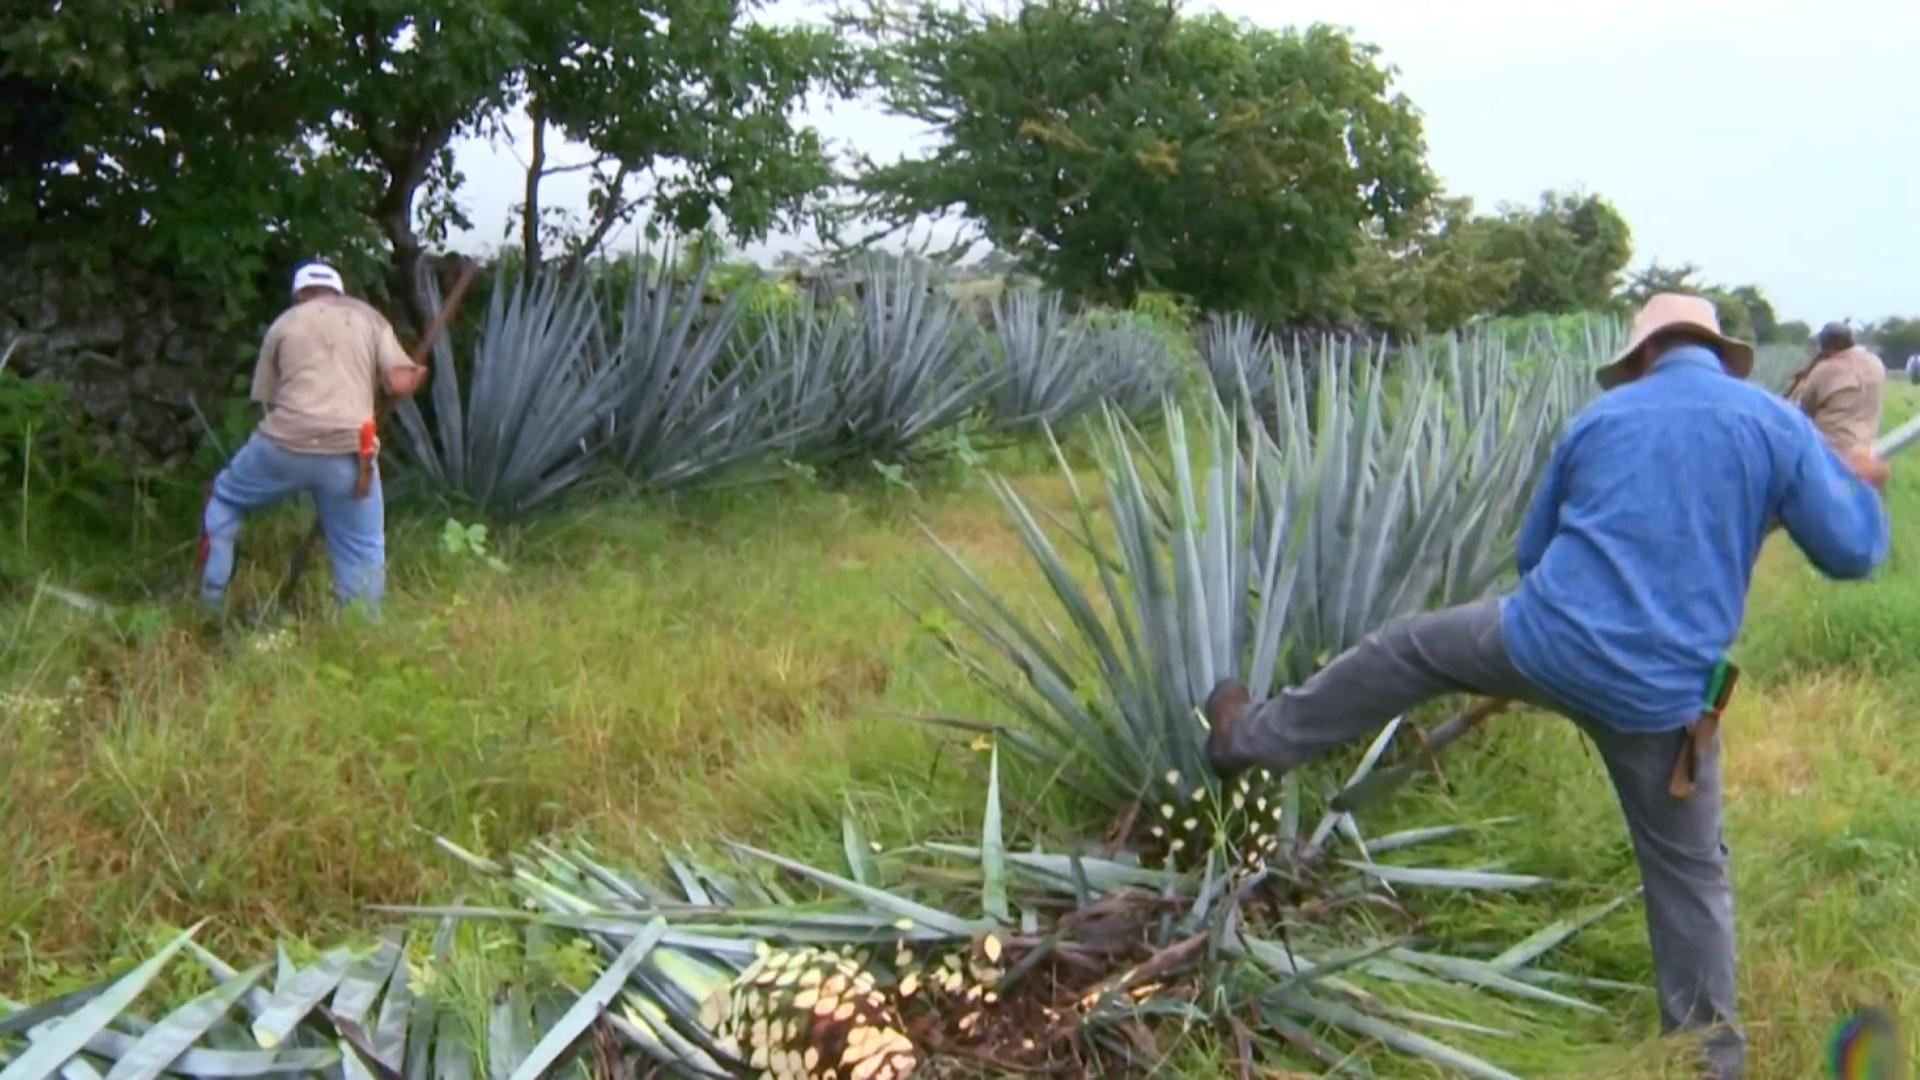 Производству текилы угрожает низкая зарплата сборщиков агавы